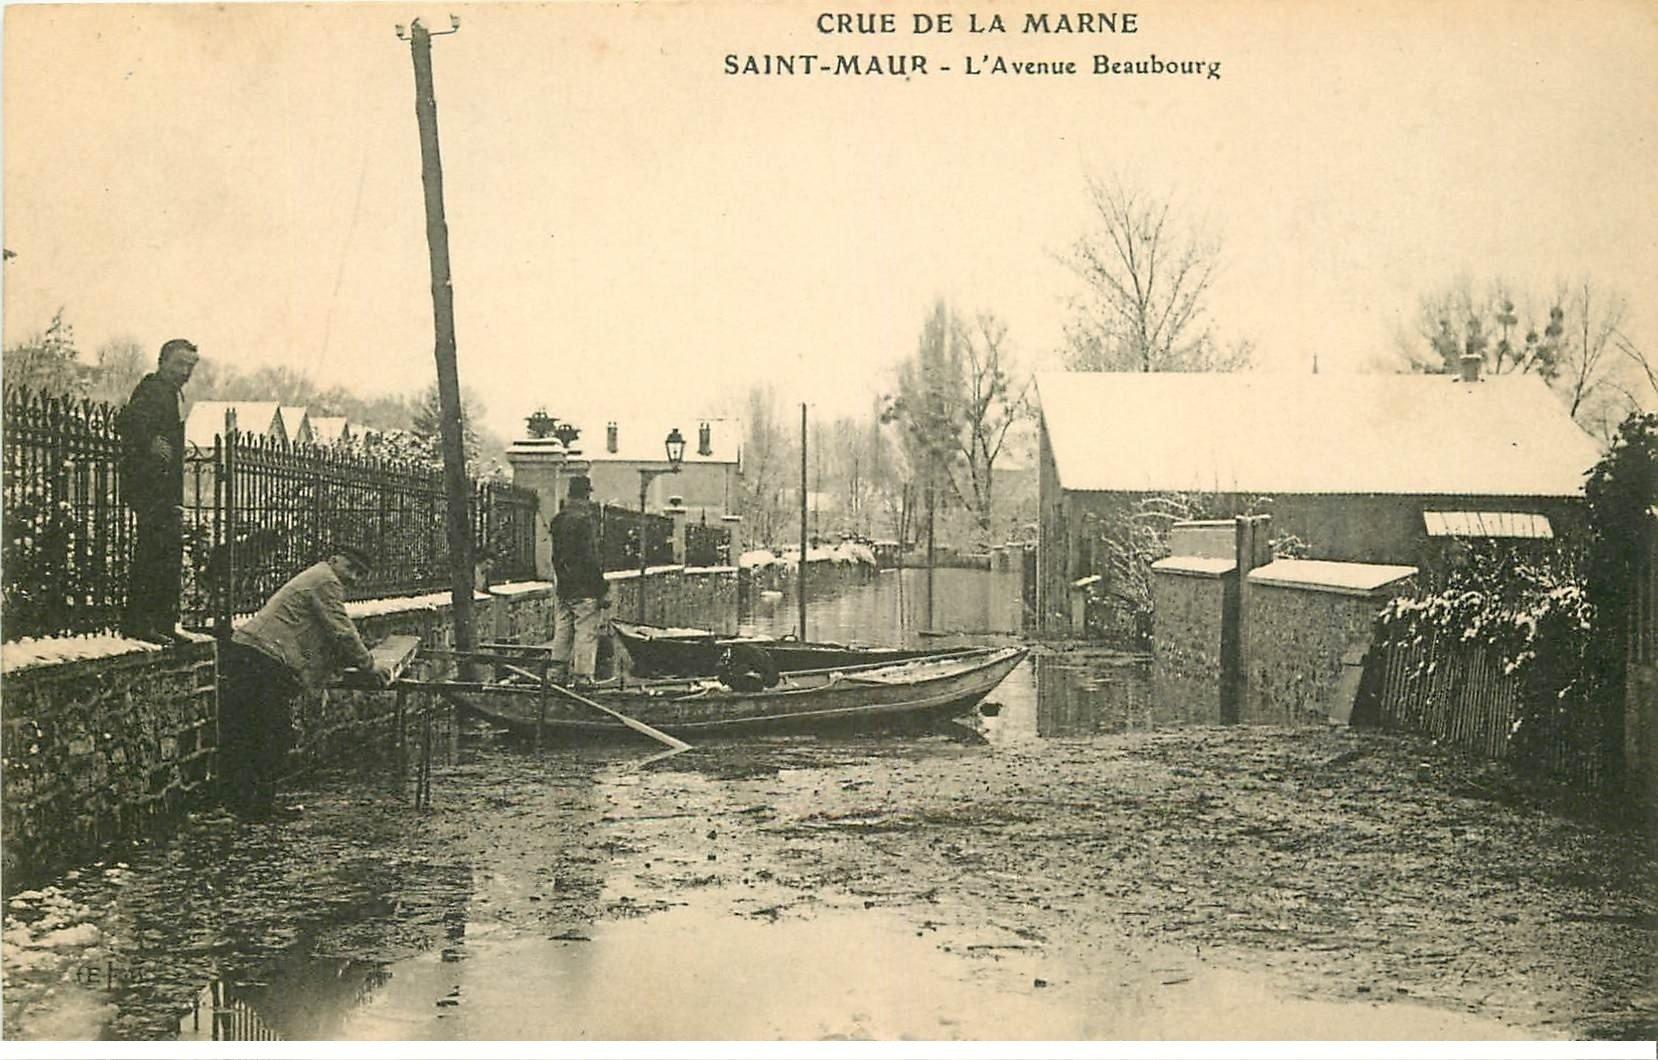 carte postale ancienne Inondation et Crue de 1910. SAINT-MAUR 94. Avenue Beaubourg